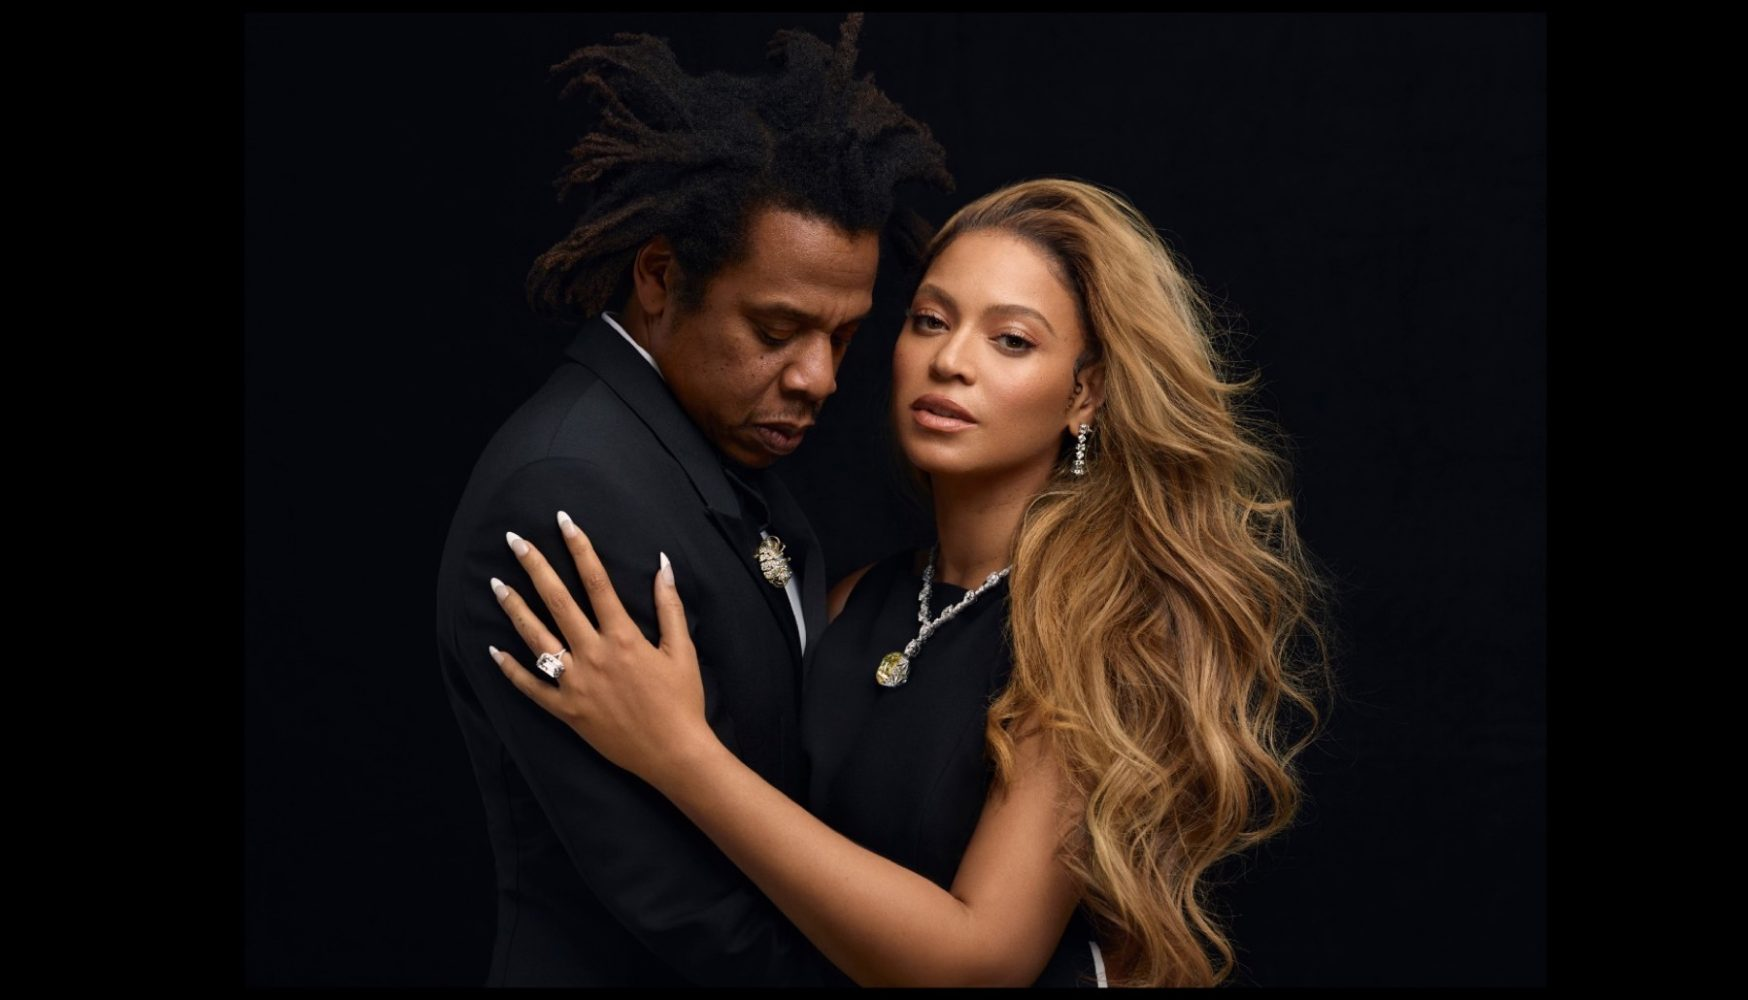 """Tiffany & Co. debuta el video de campaña """"About Love"""", con Beyoncé y Jay-Z"""